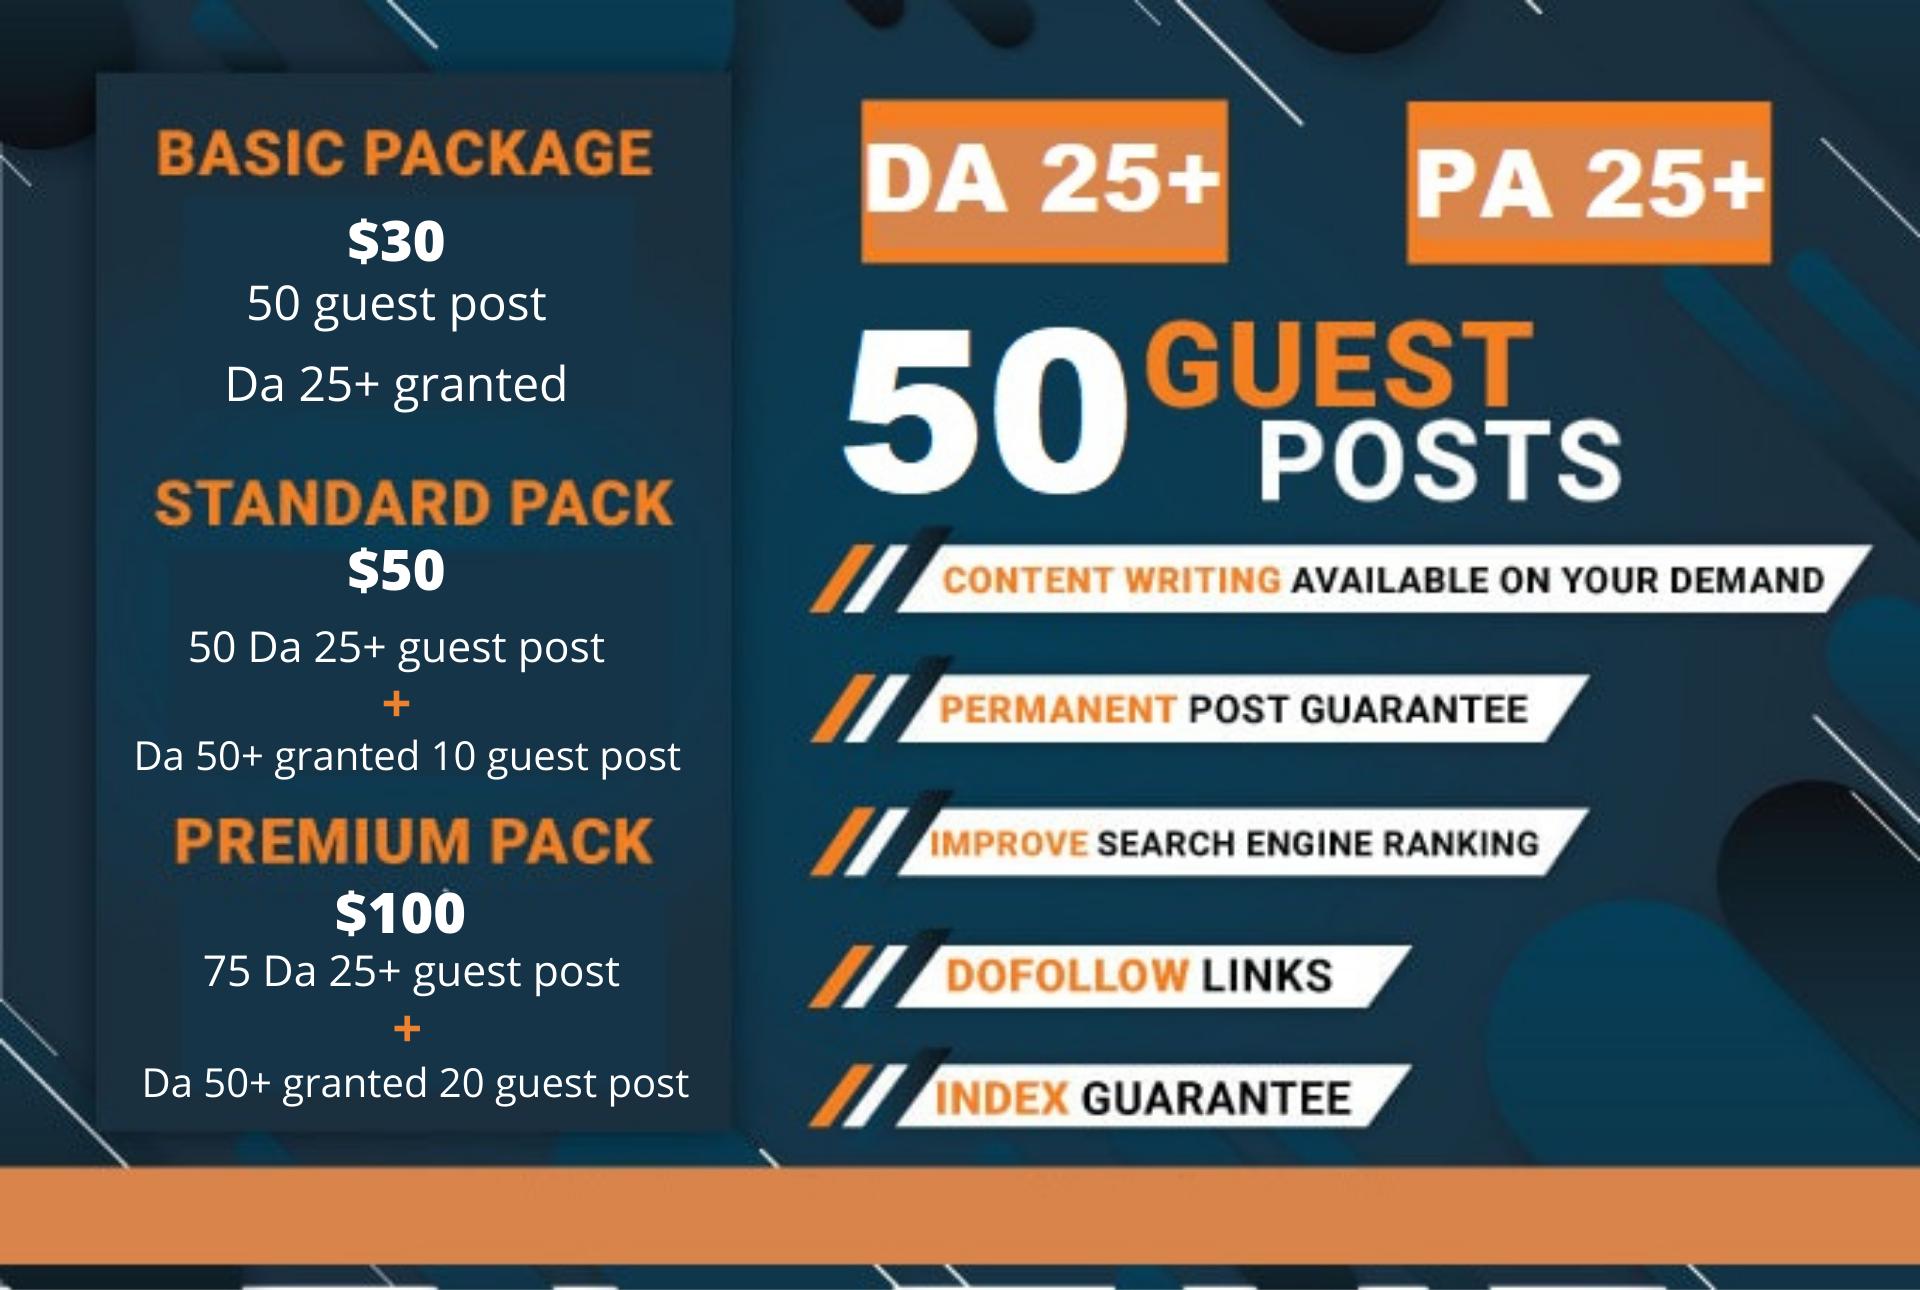 I will publish 50 guest post DA 25+ granted